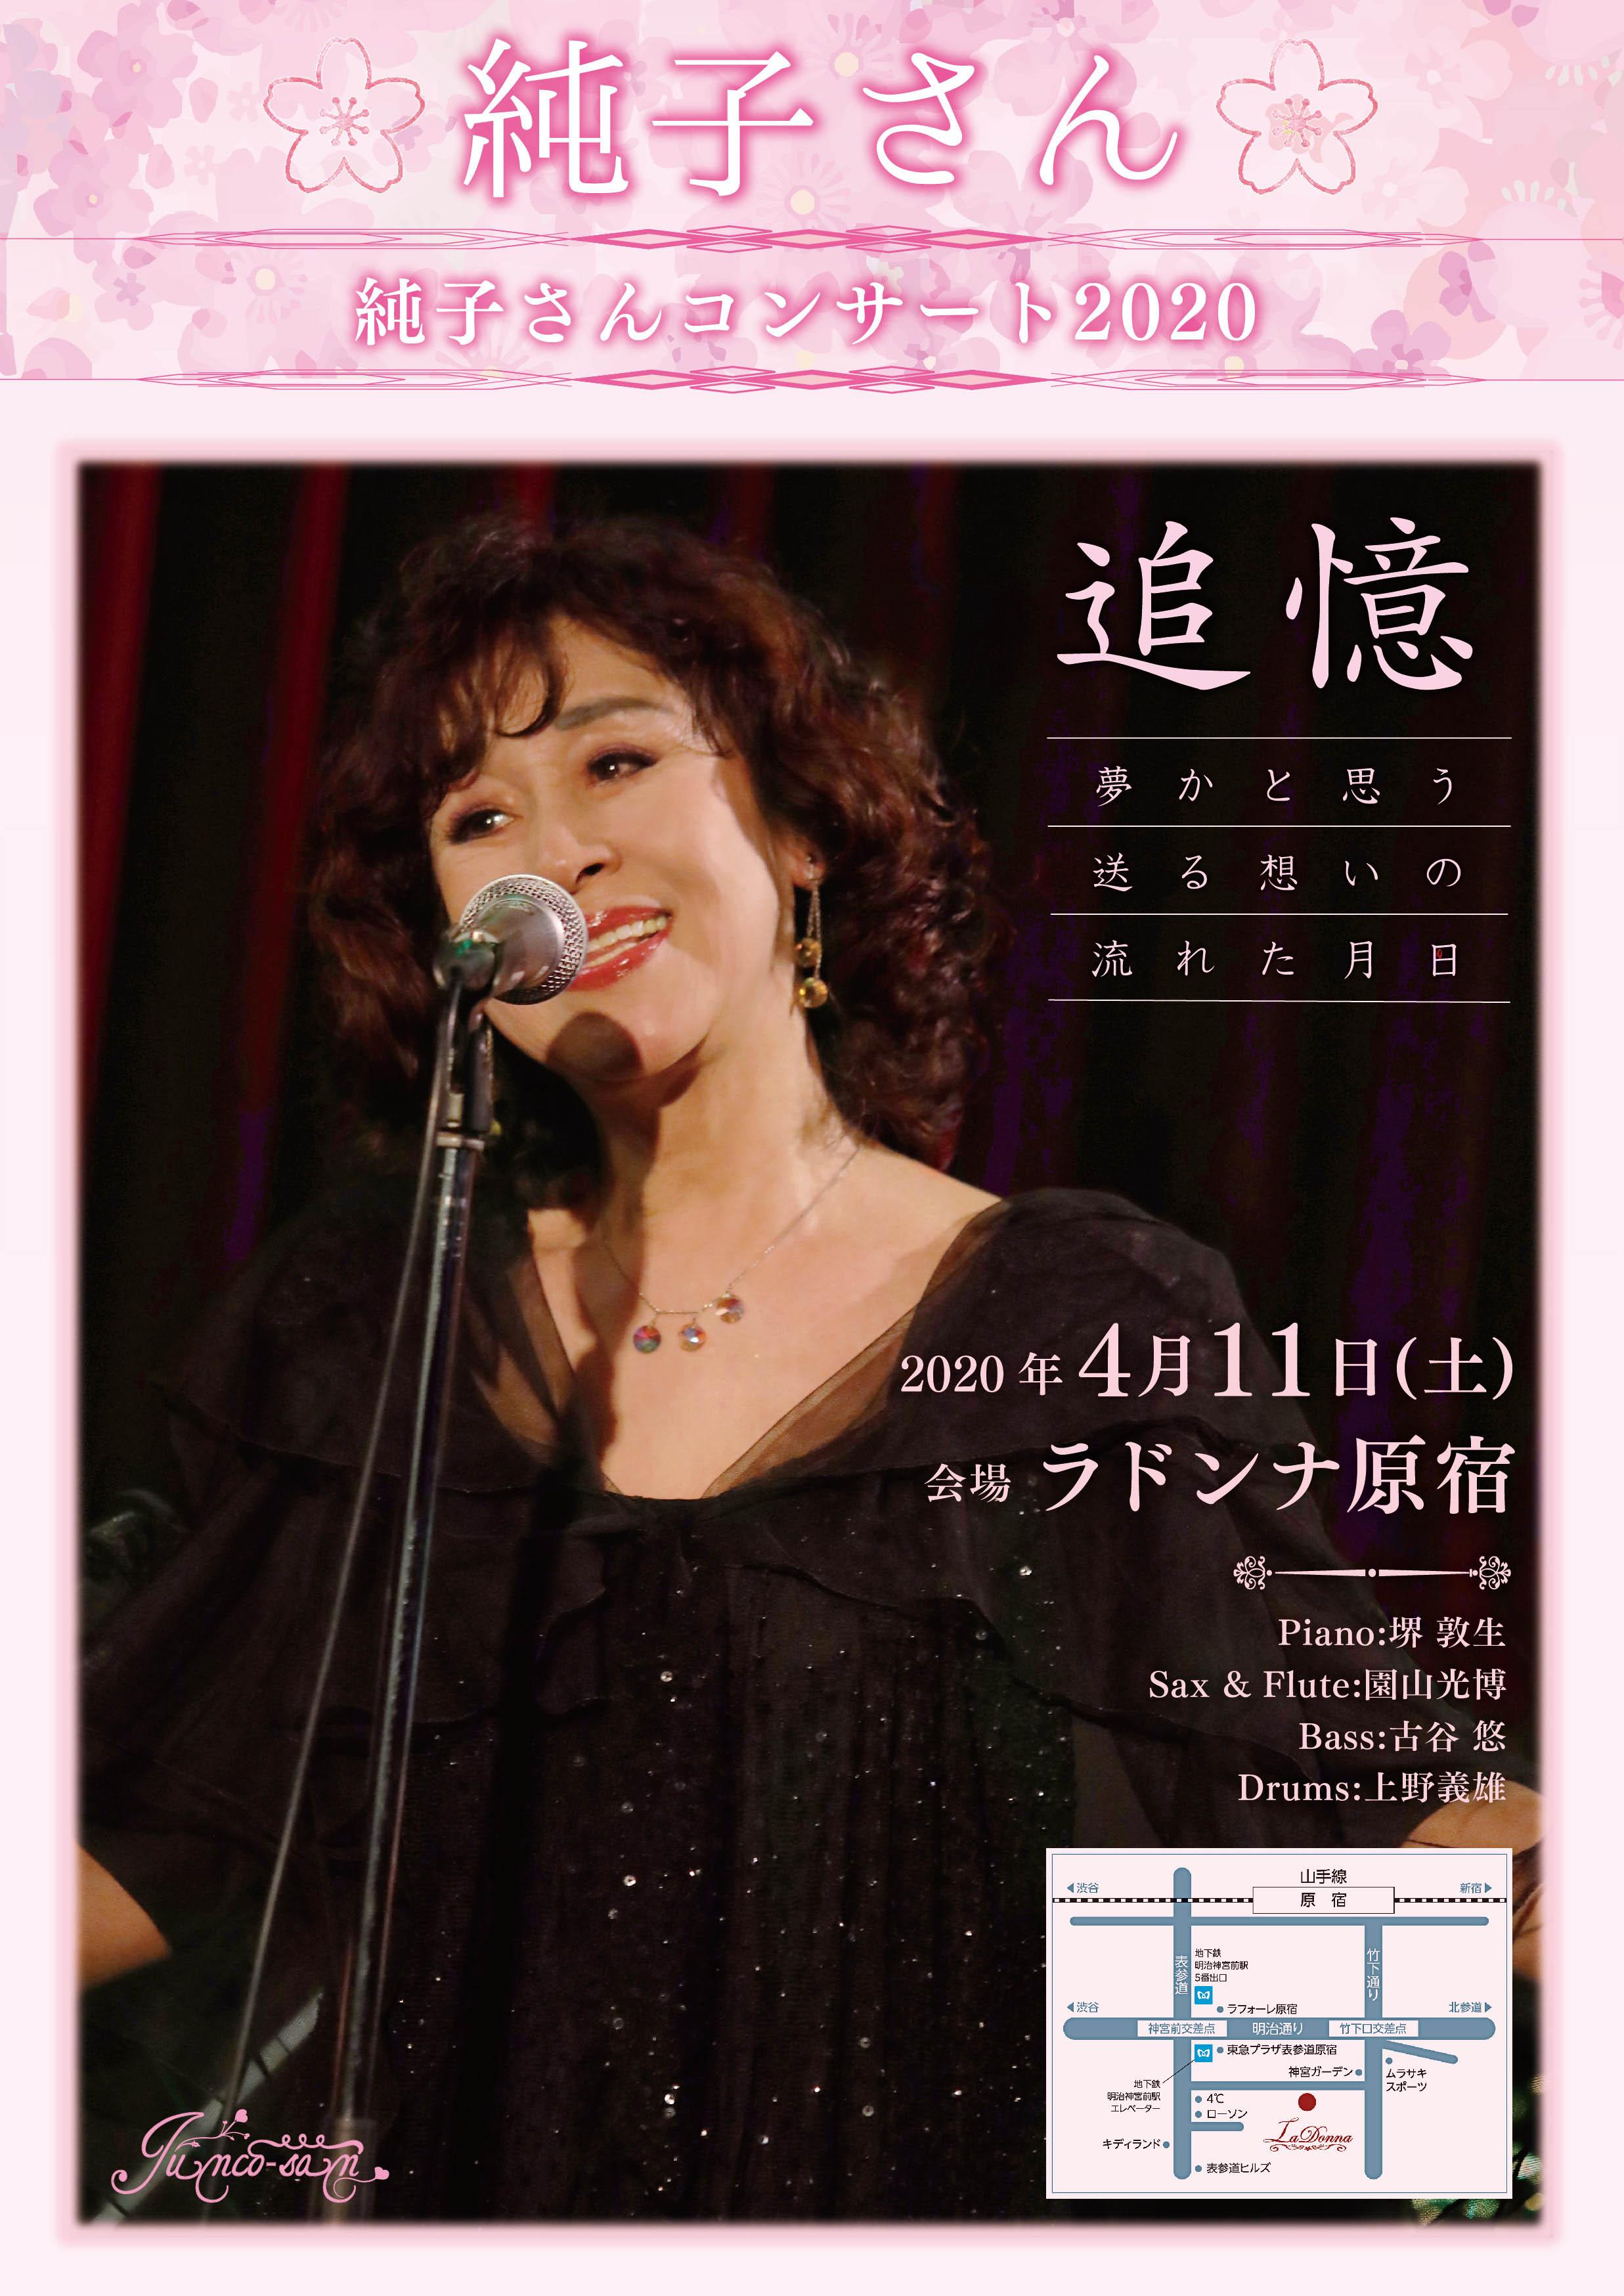 純子さんコンサート2020 『 追 憶 』 【本公演は新型コロナウィルスの影響を受けまして延期となりました。】